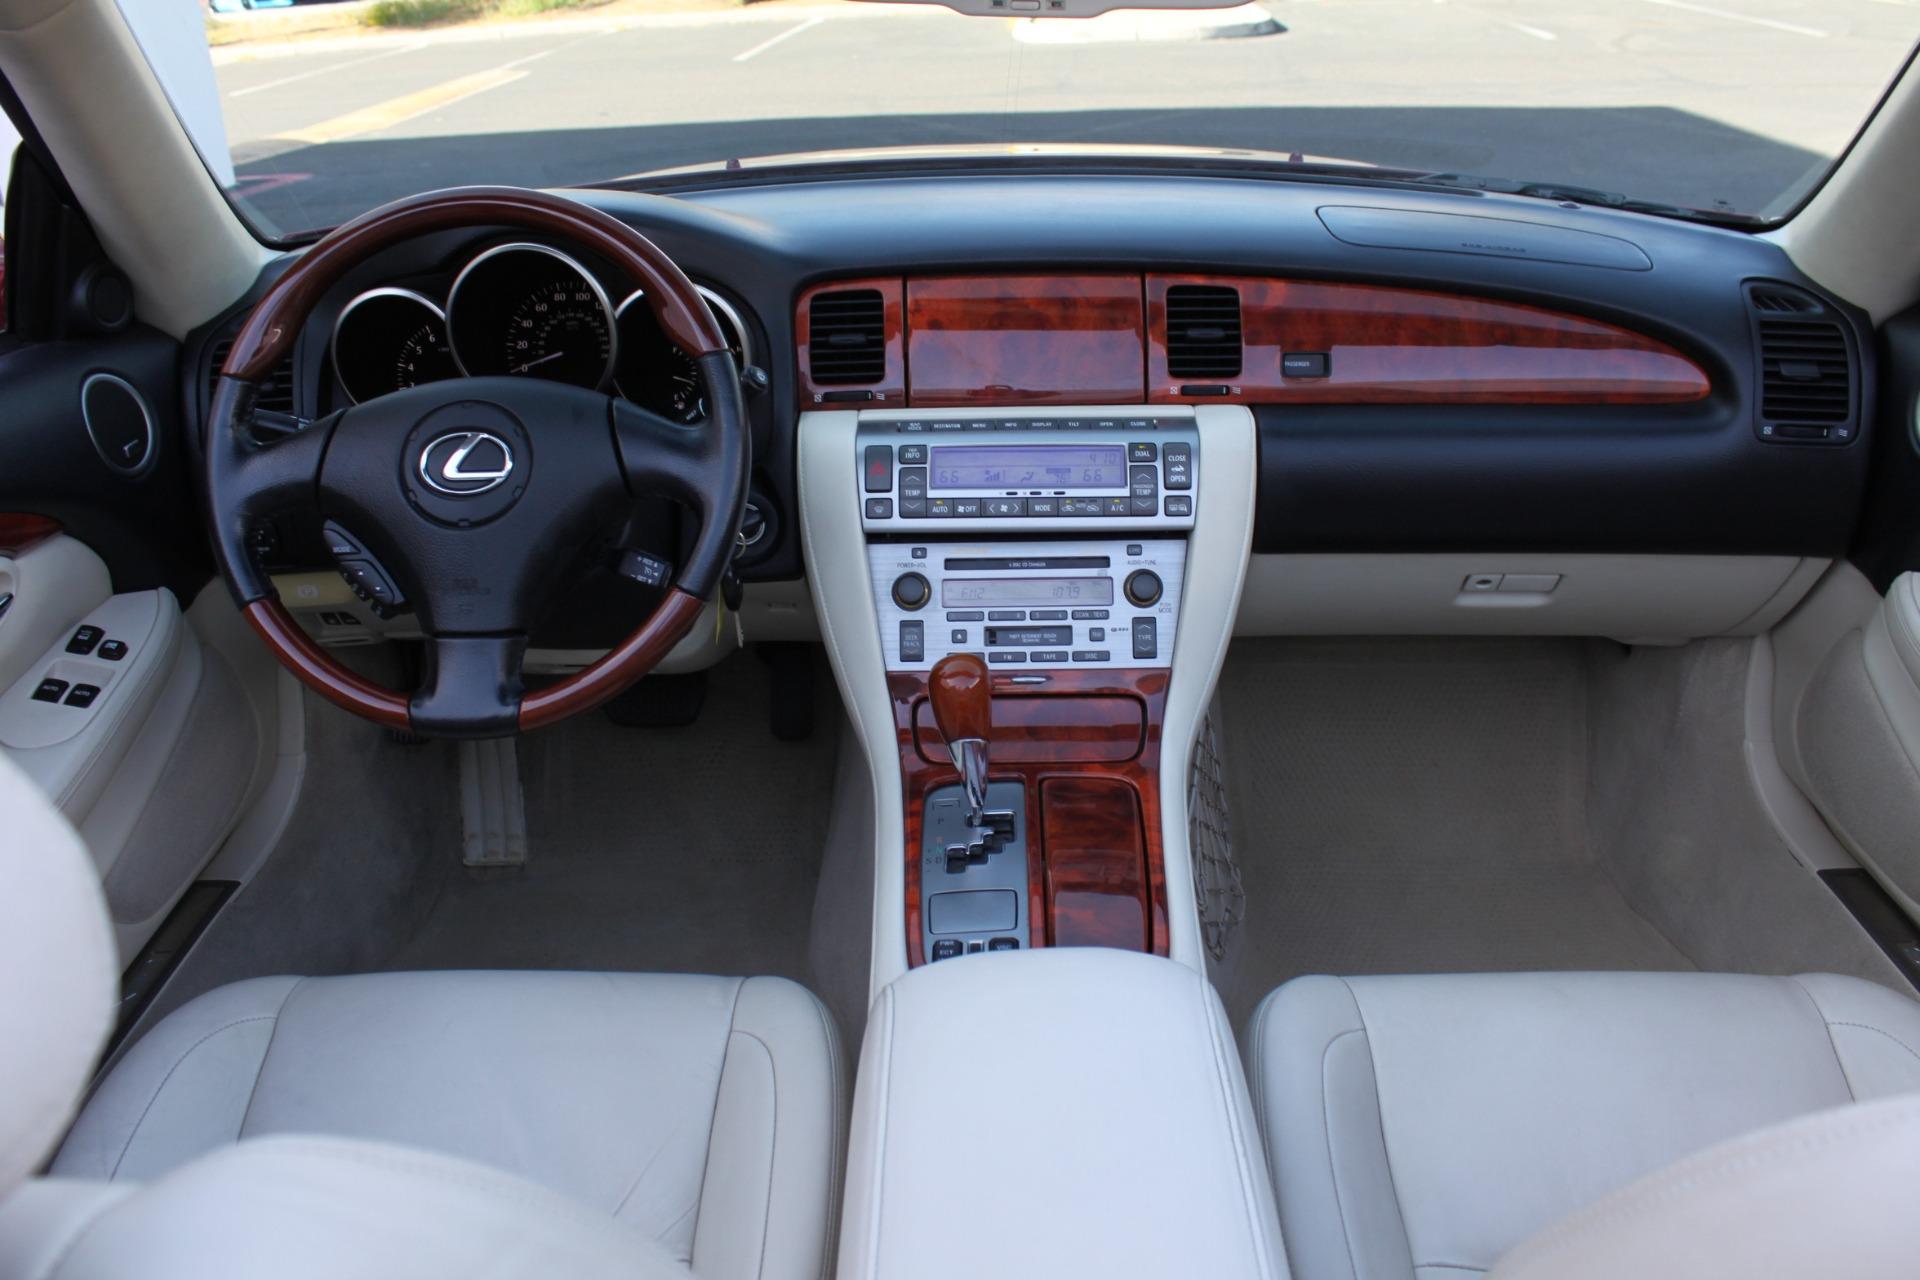 Used-2006-Lexus-SC-430-vintage